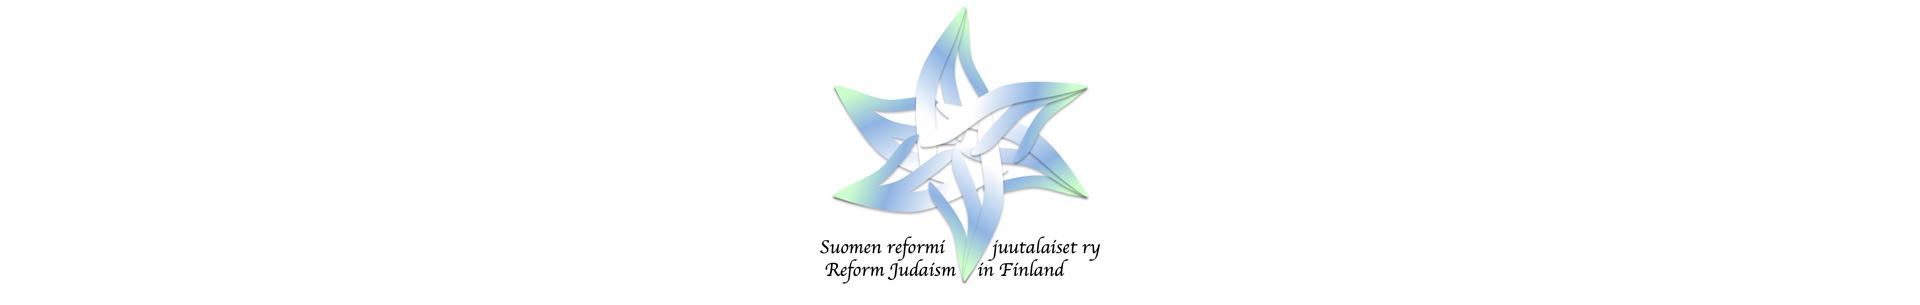 Reform Judaism in Finland